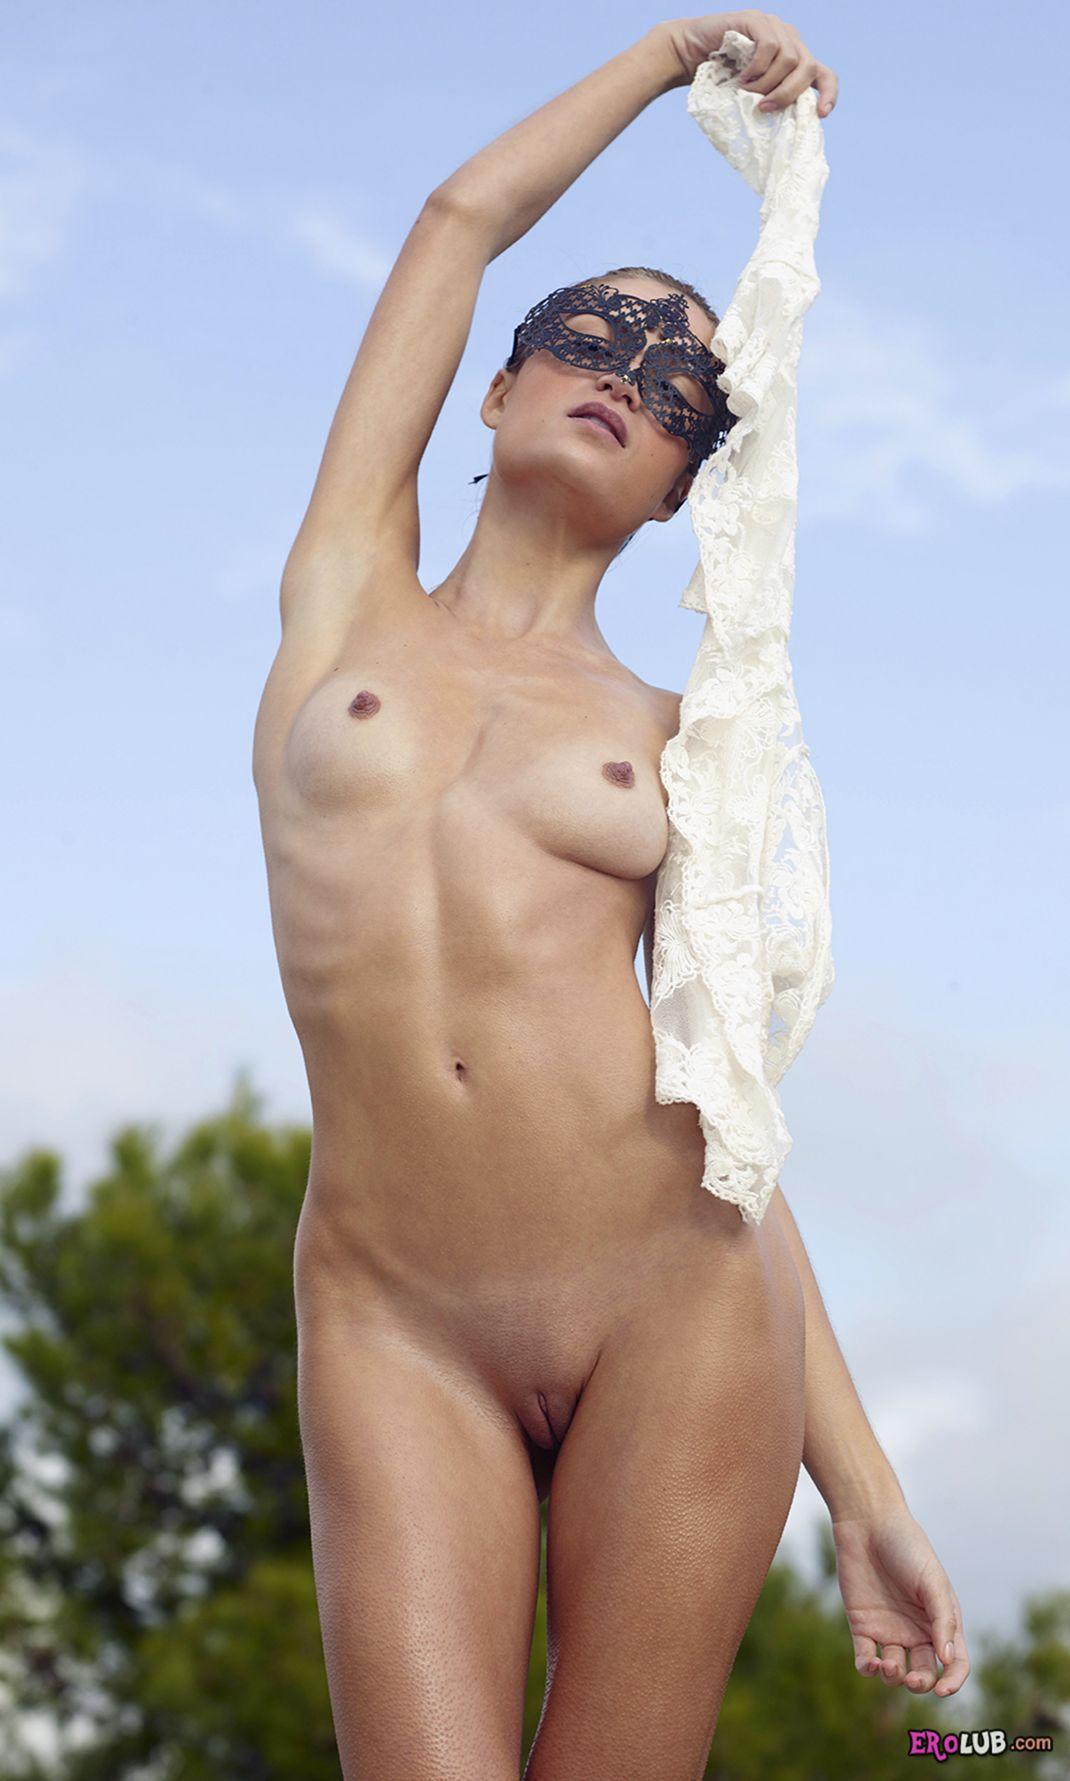 в колготках  смотреть фото голых девушек бесплатно